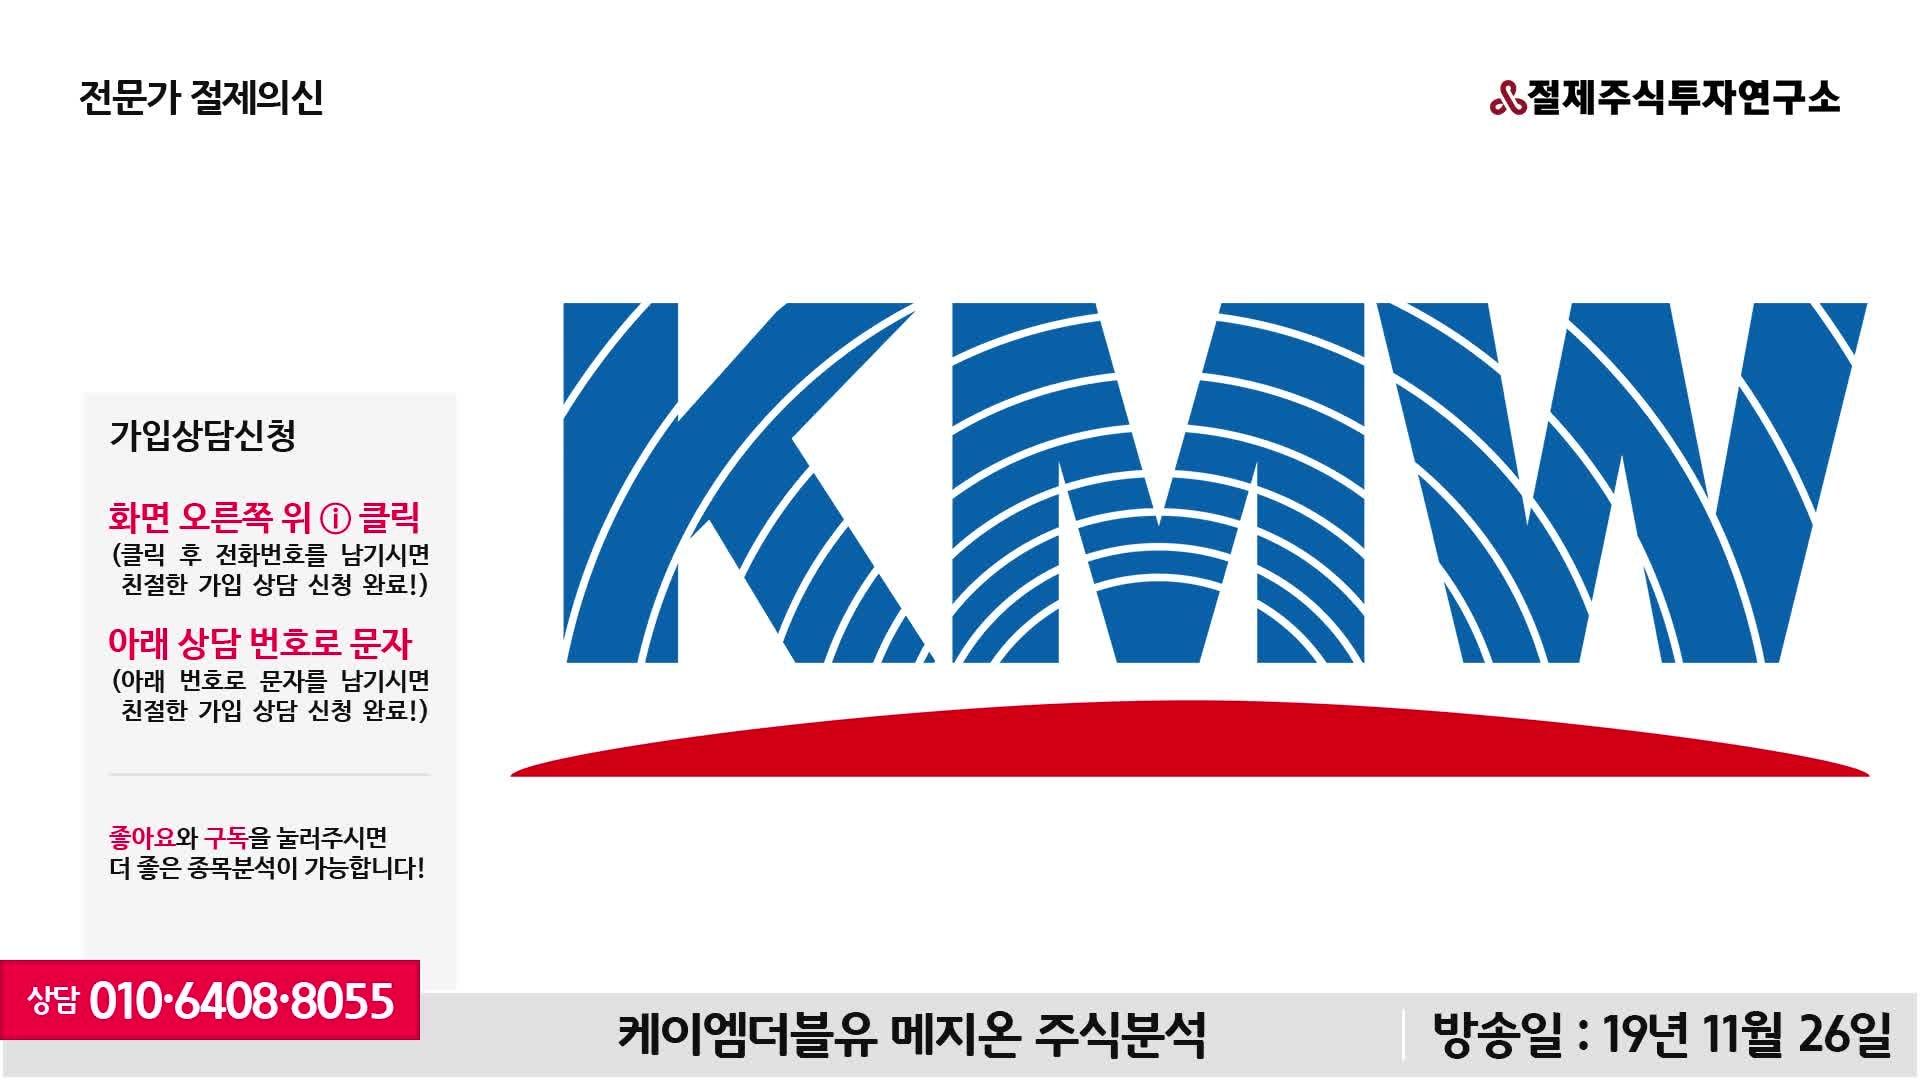 [주식] [케이엠더블유 메지온 주식분석] KMW 메지온 최근 주가 흐름 관련 업데이트!